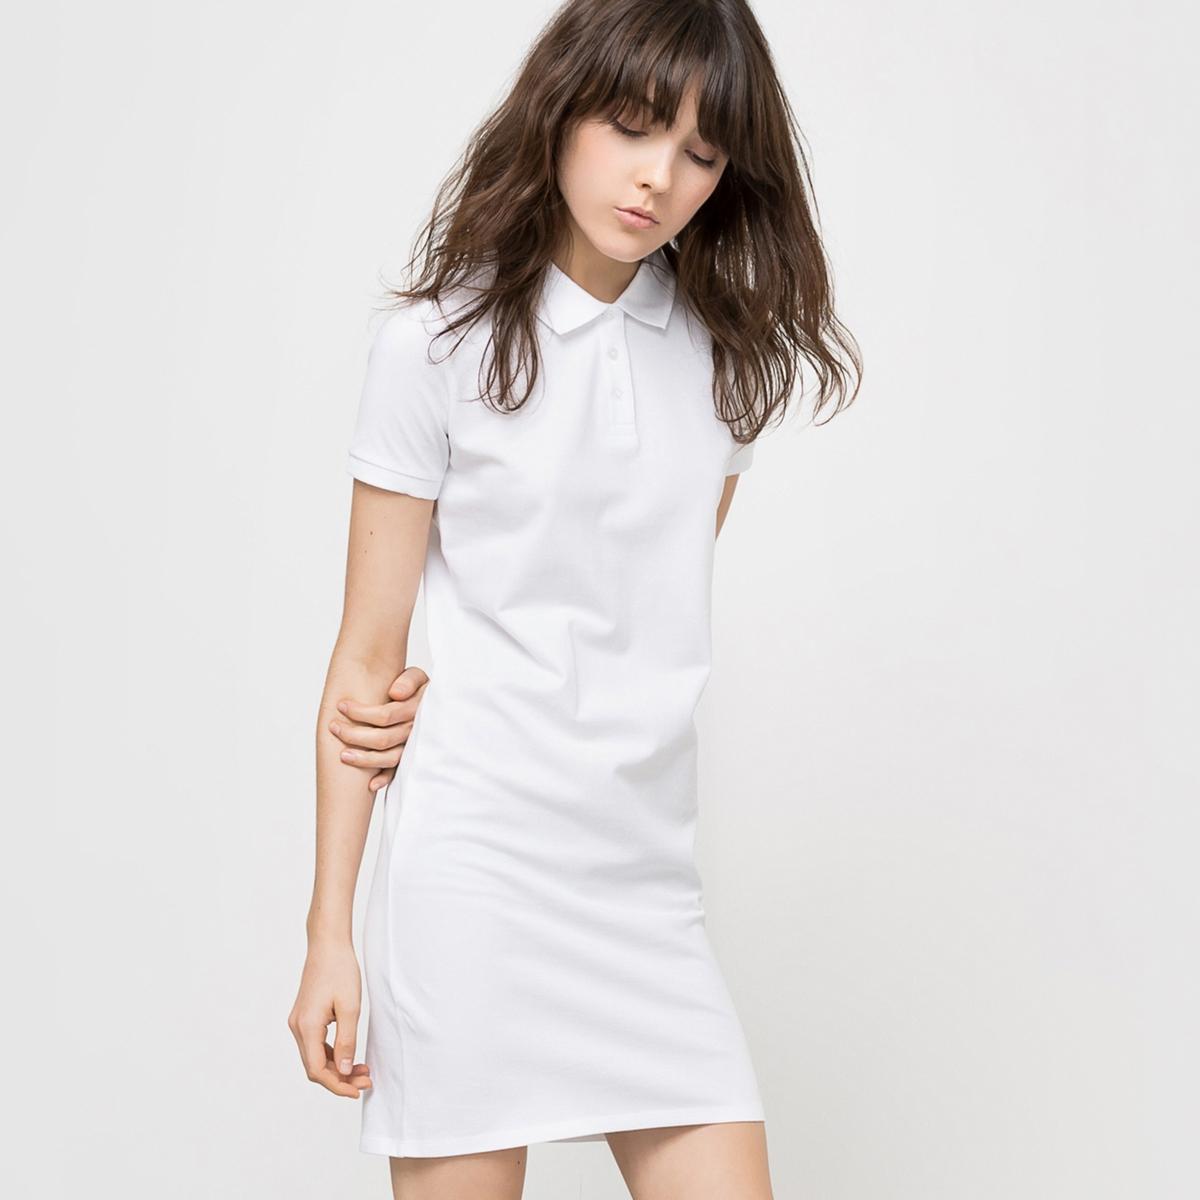 Платье с воротником полоСостав и описание Материал : 100% хлопка Длина : 91 см Марка : R essentiels<br><br>Цвет: белый,черный